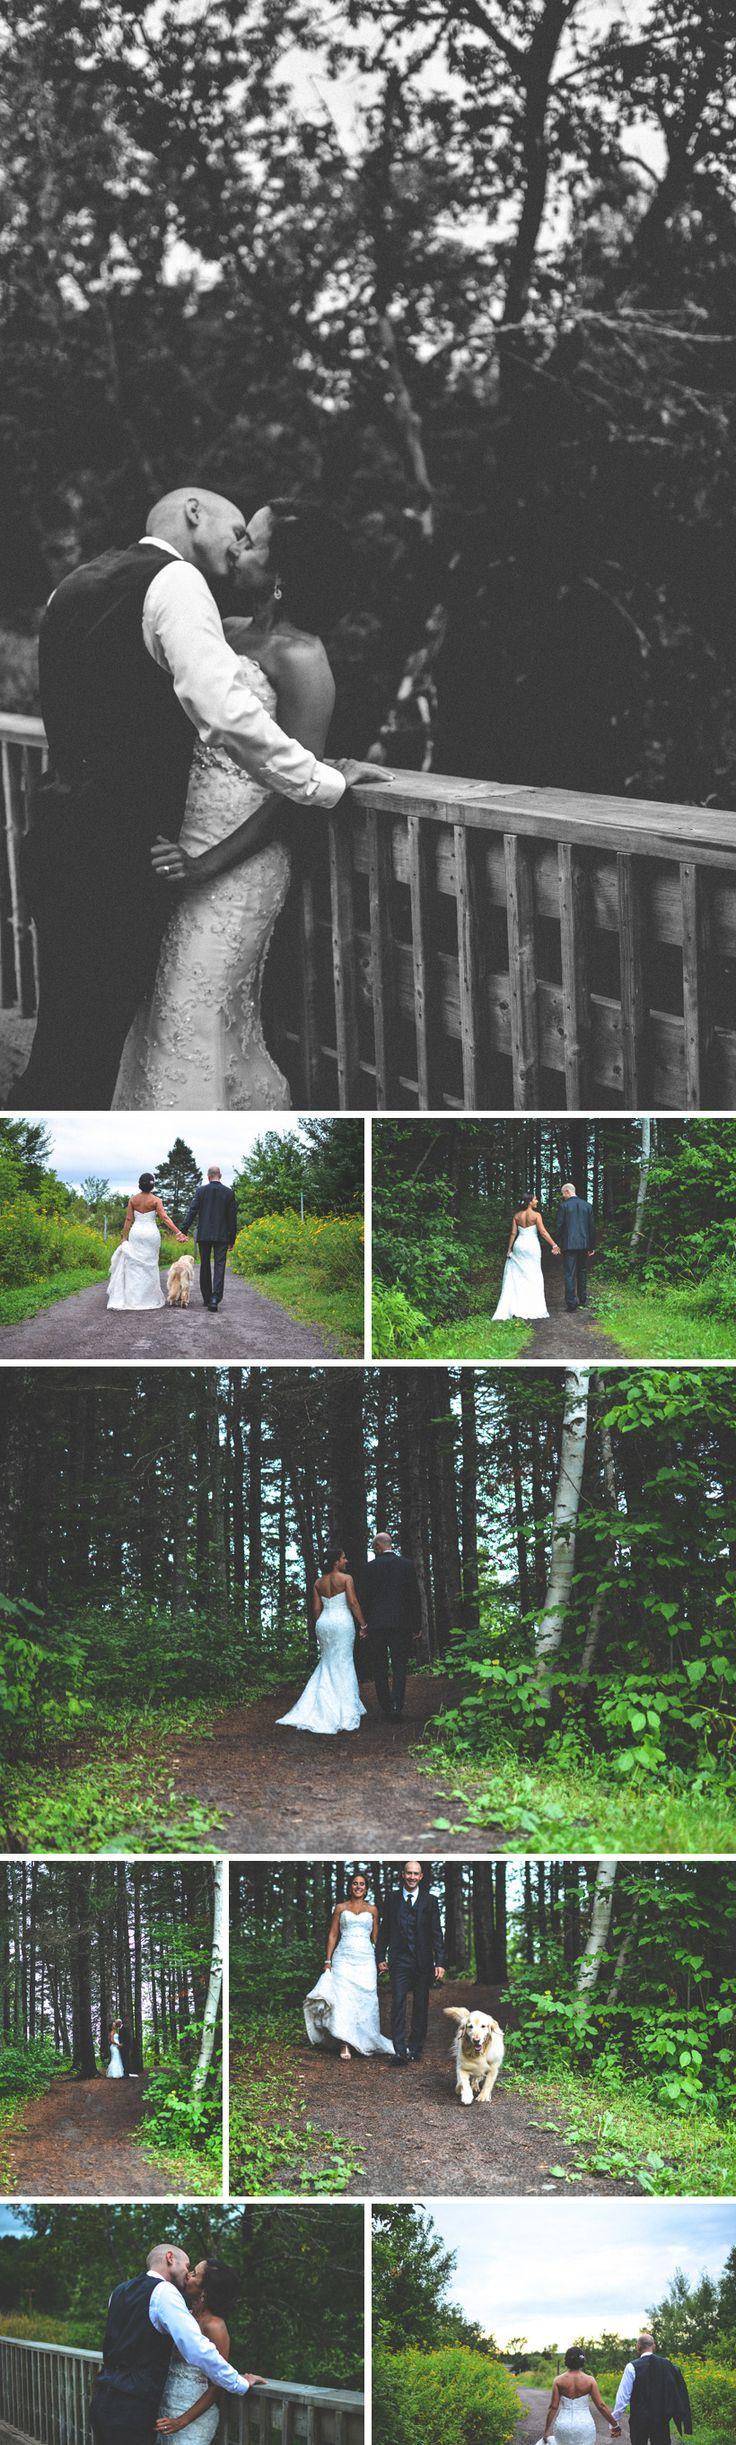 Beautiful summer wedding shoot